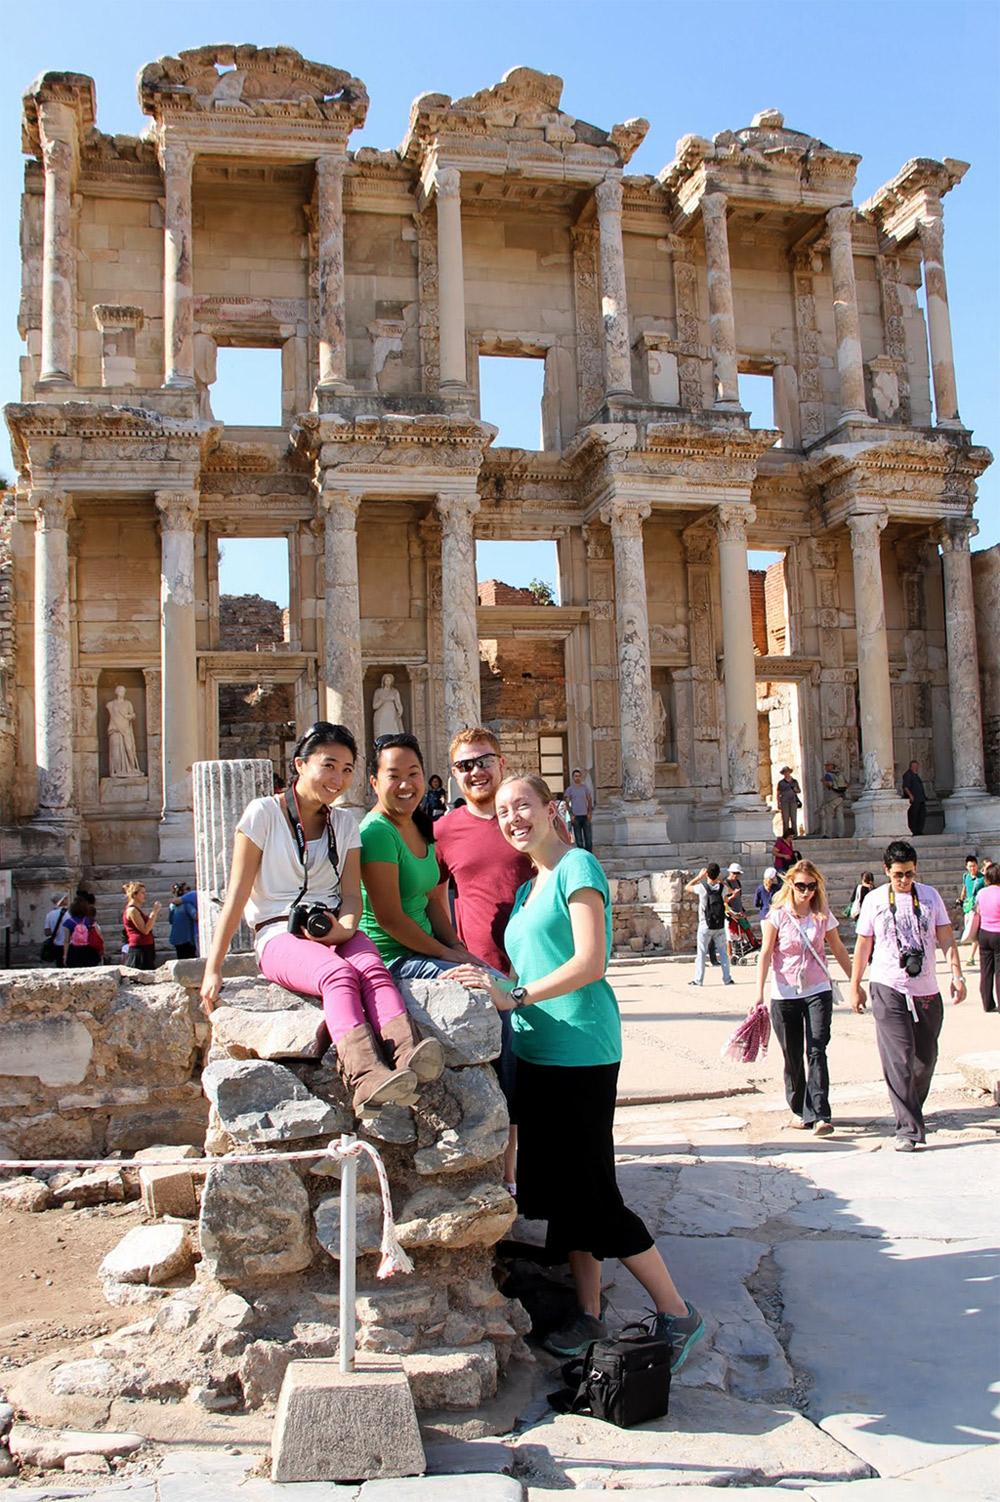 121105-libraryatephesus